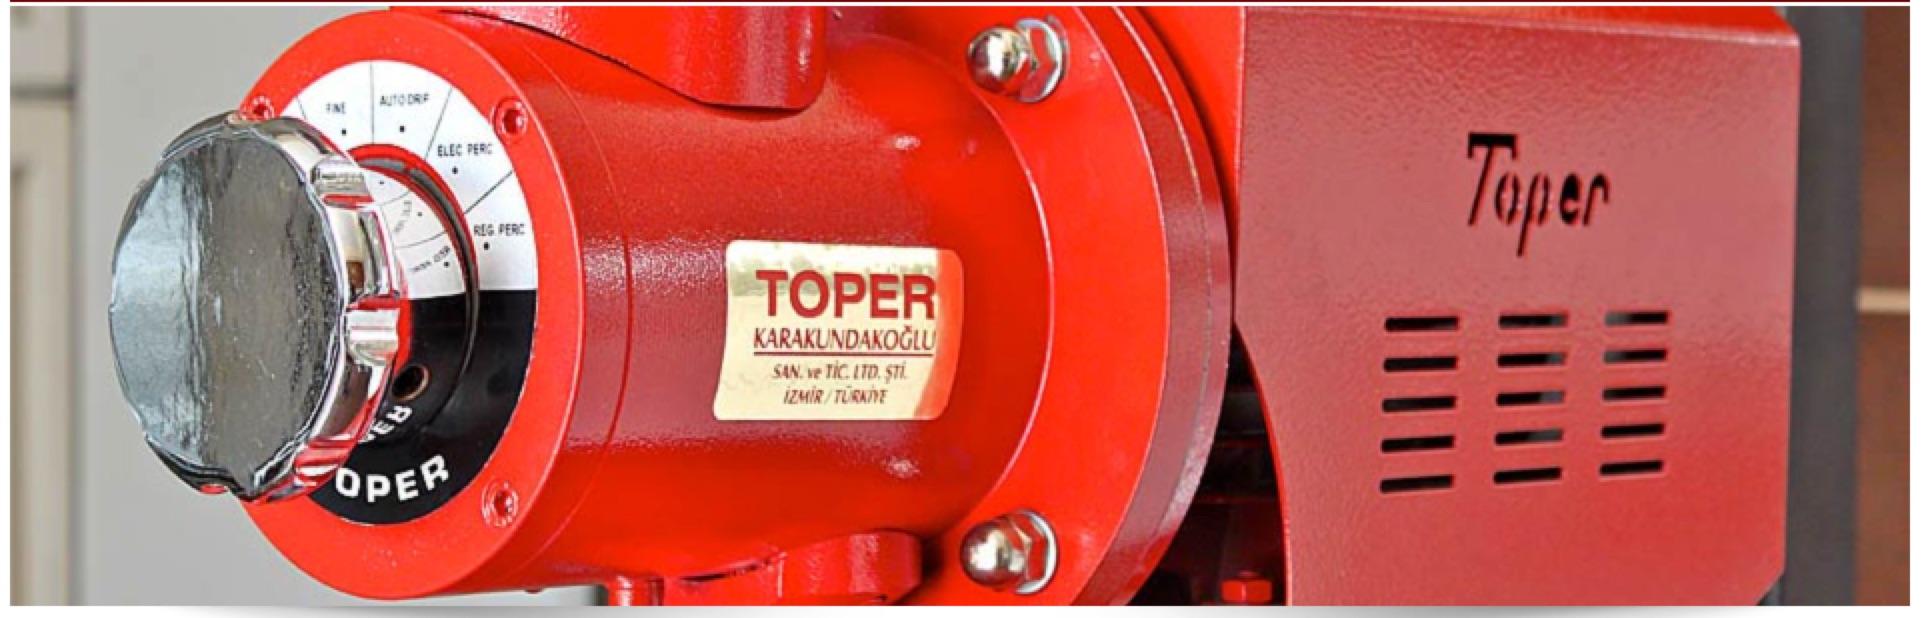 Toper Coffee Grinder